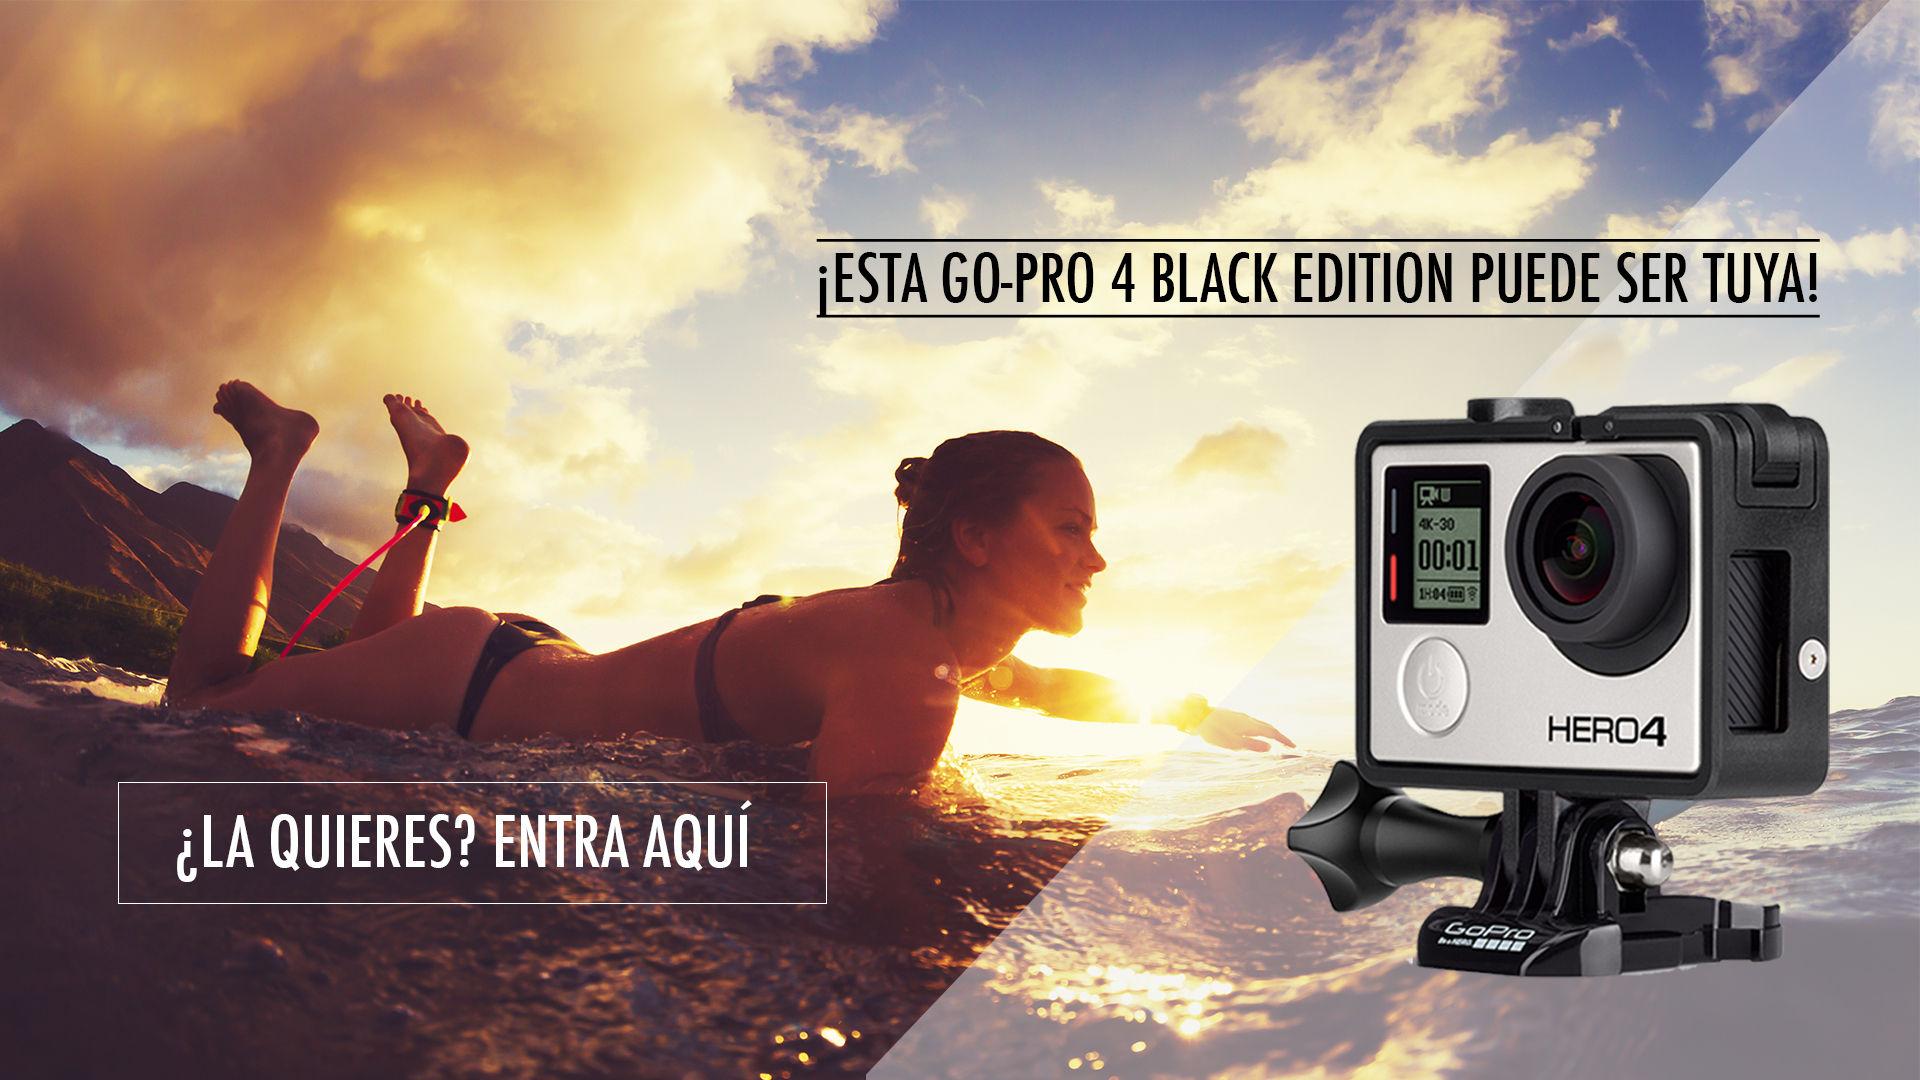 Promoción sorteo cámara fotográfica Go Pro Black Edition 4.